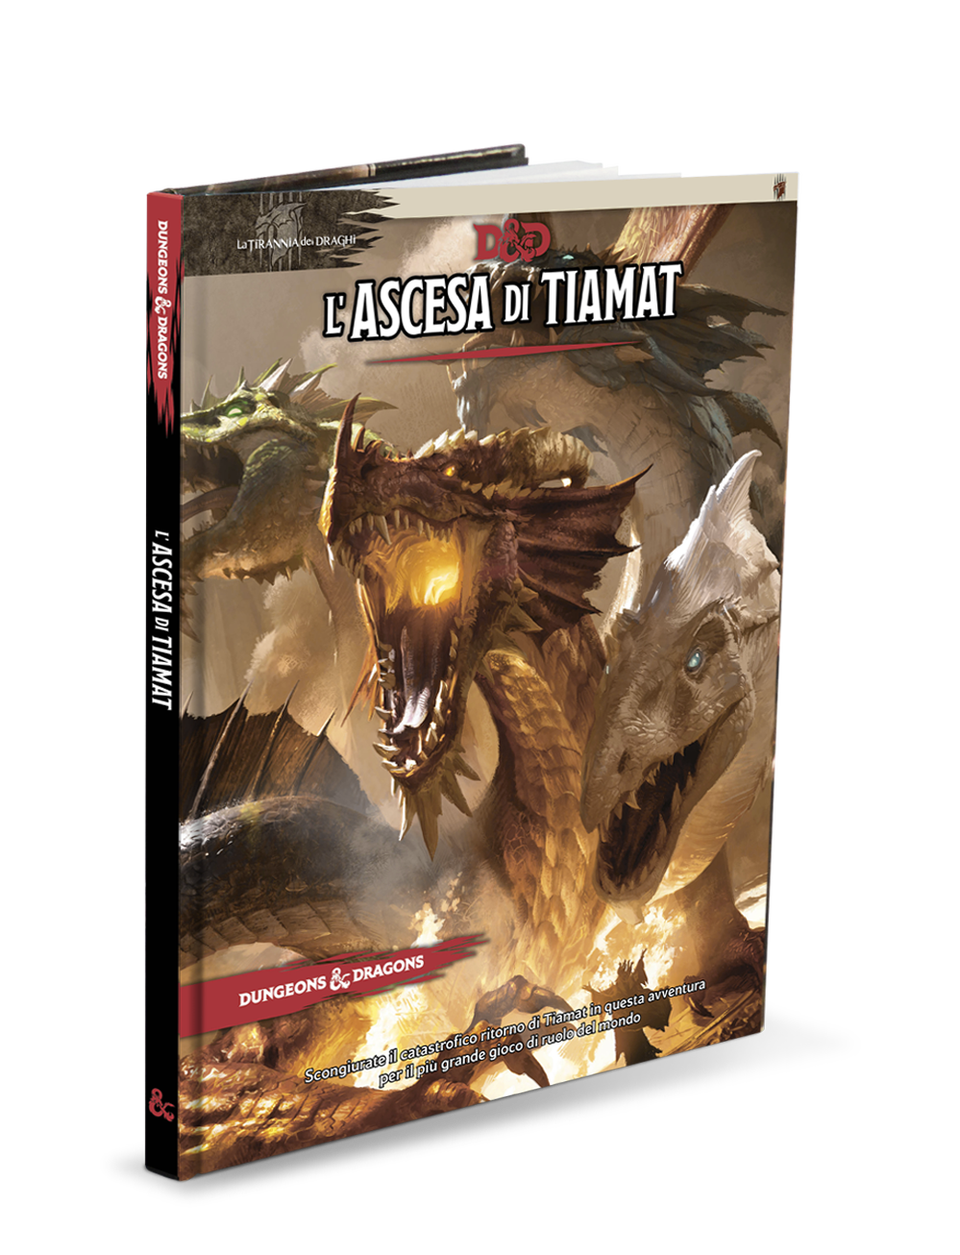 DUNGEONS & DRAGONS 5A EDIZIONE - L'ASCESA DI TIAMAT (AVVENTURA 2A PARTE)